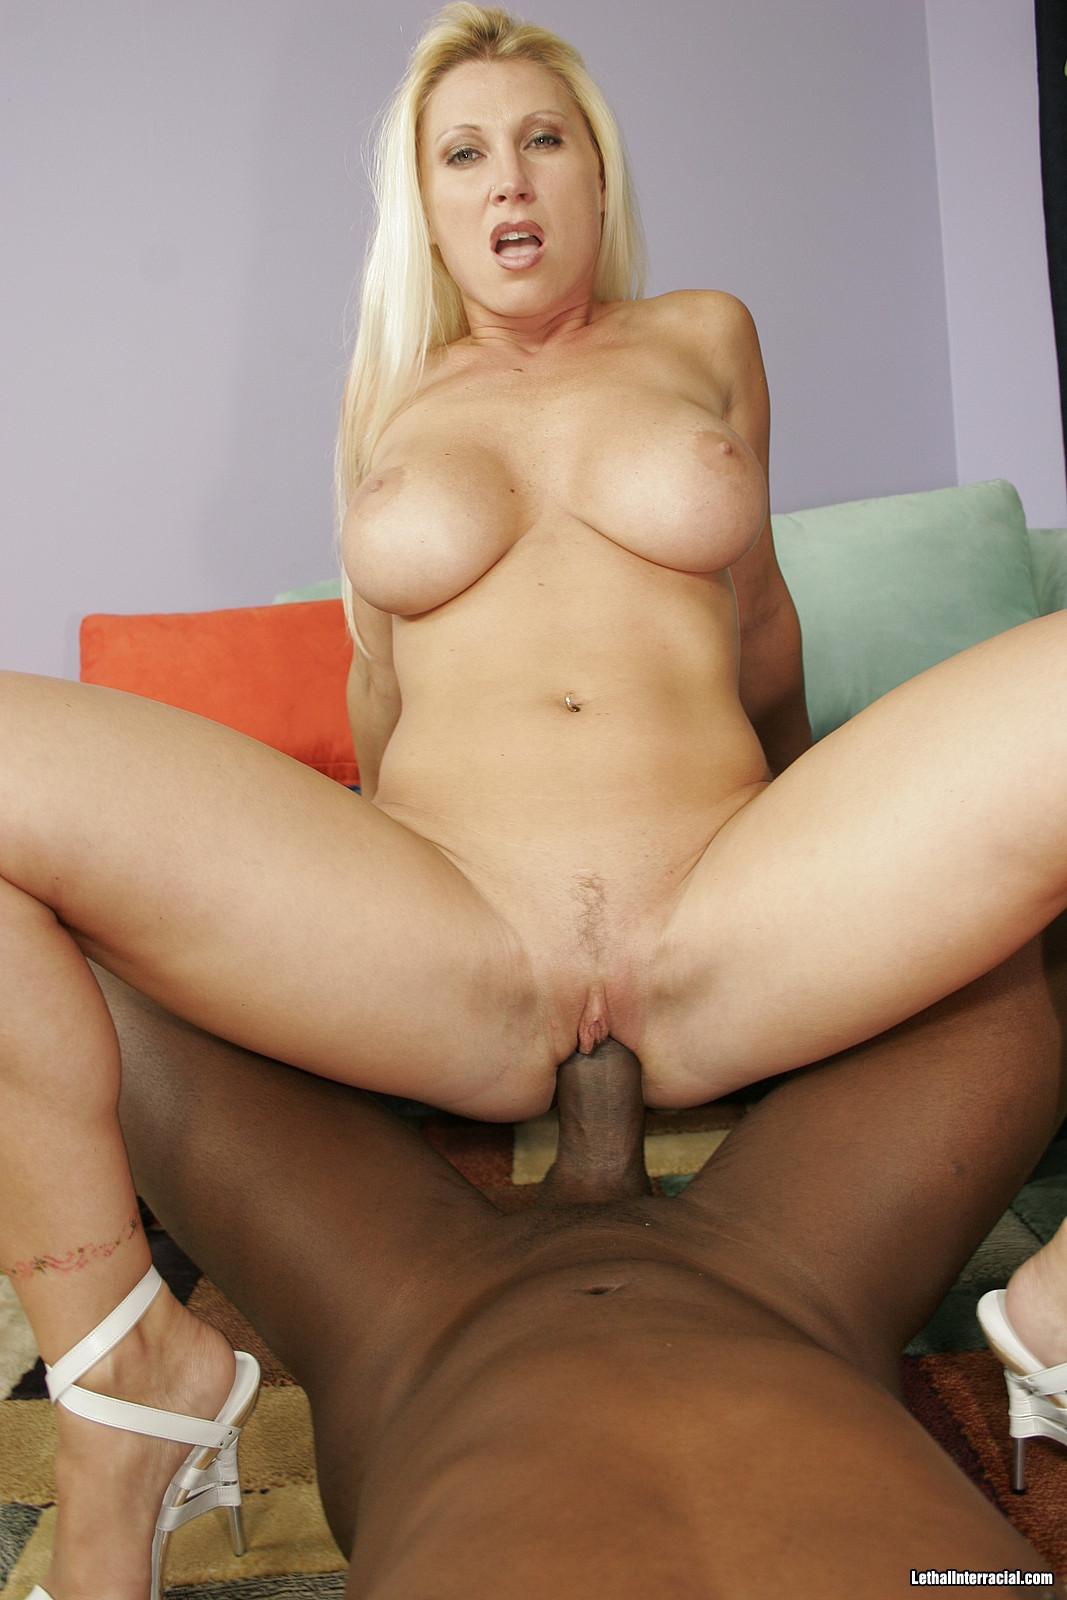 деловая женщина фото порно